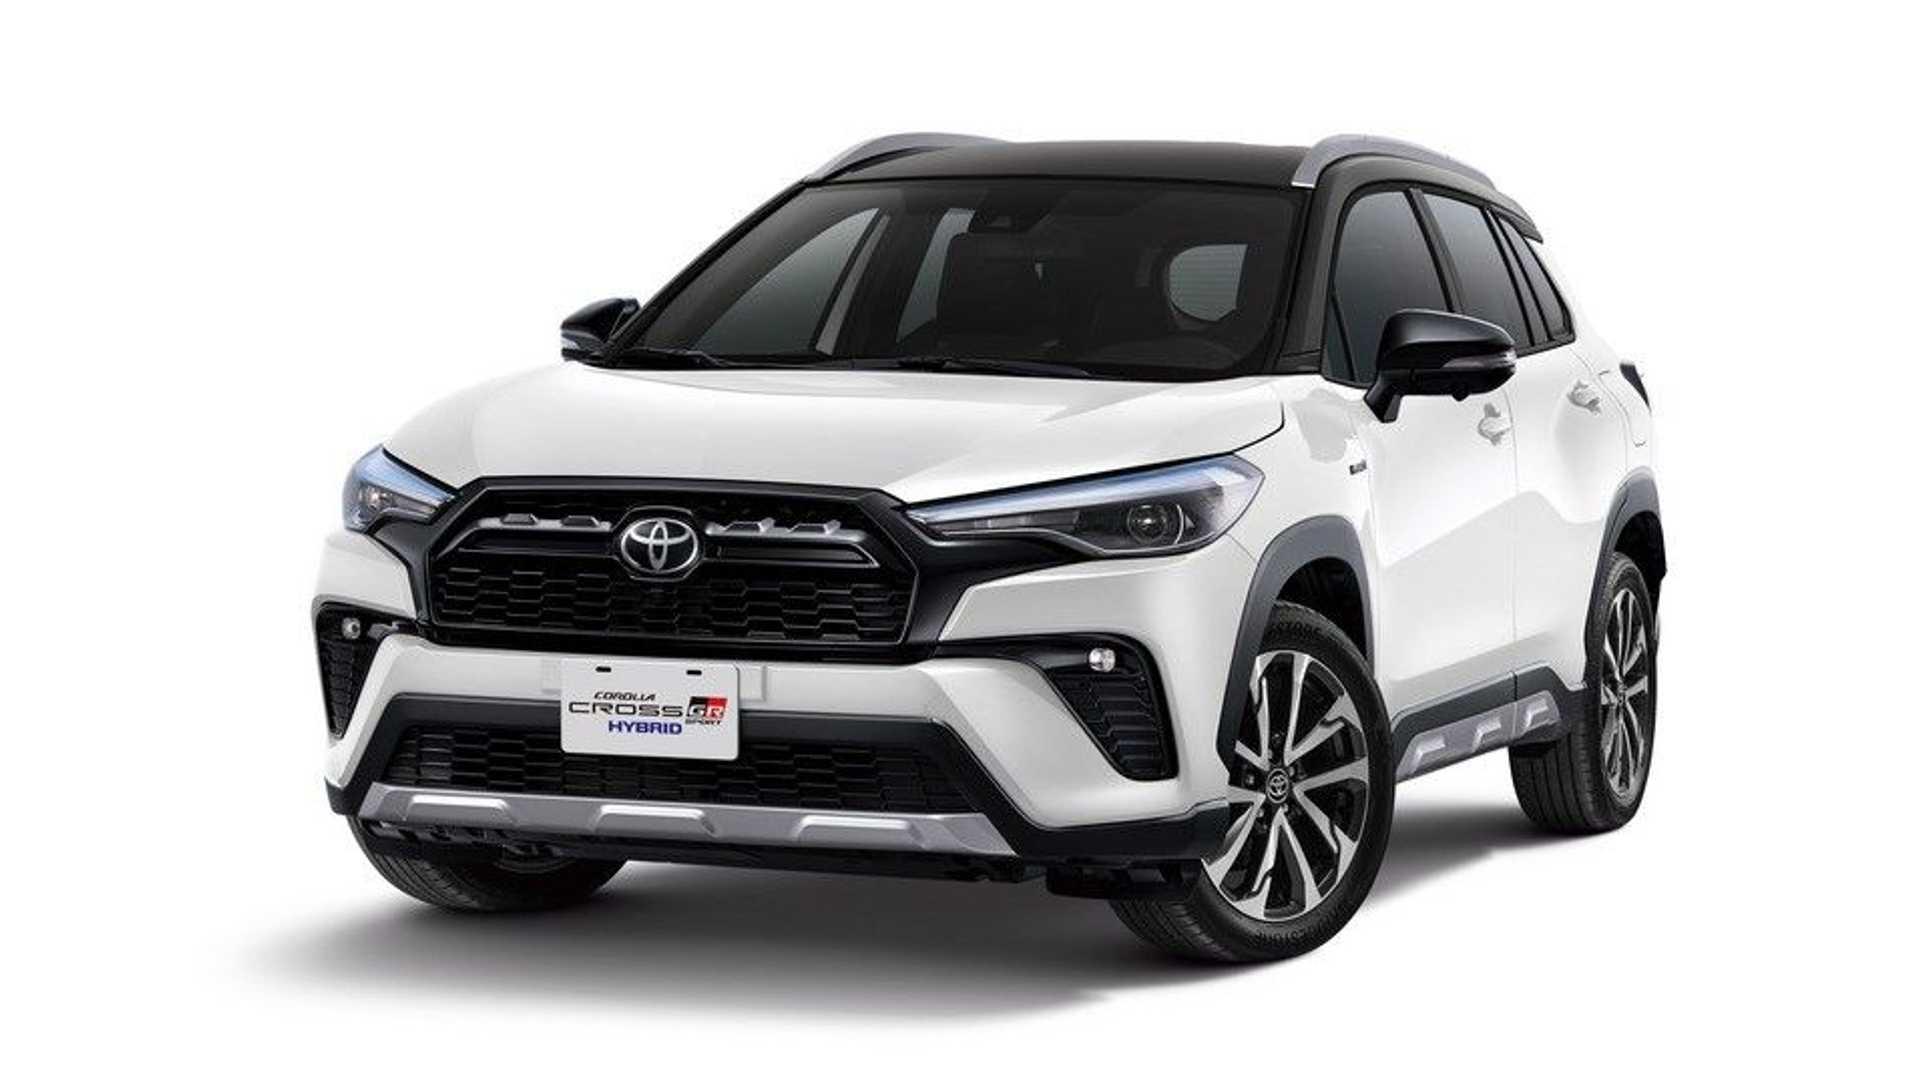 Как известно, «Тойота» планирует выпустить версию GR Sport для каждой своей модели. Такая участь уже постигла многие автомобили бренда, включая Fortuner и Hilux, а теперь очередь дошла до Corolla Cross.